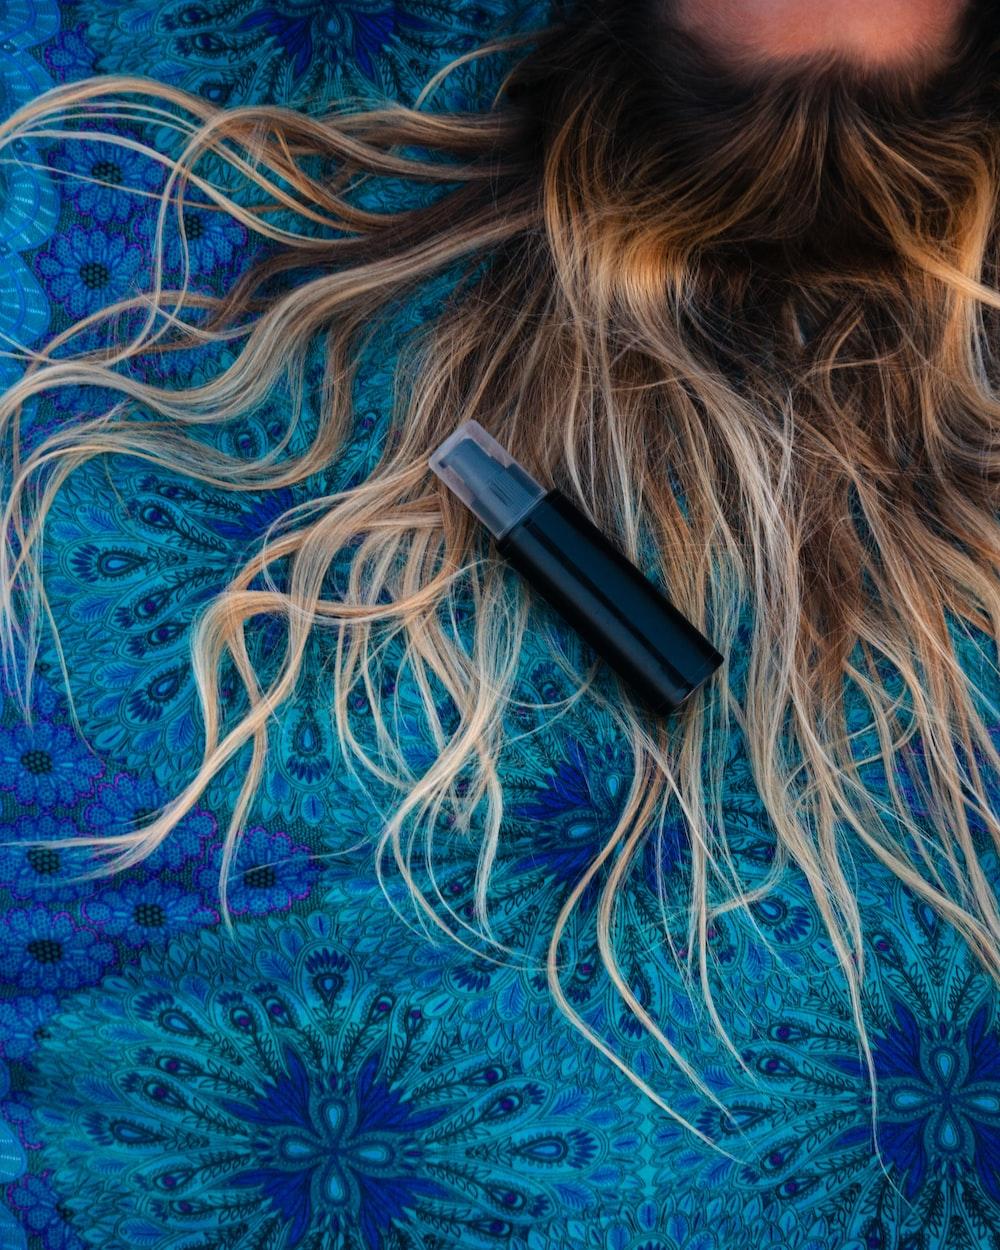 pielęgnacja włosów - drożdże na włosy